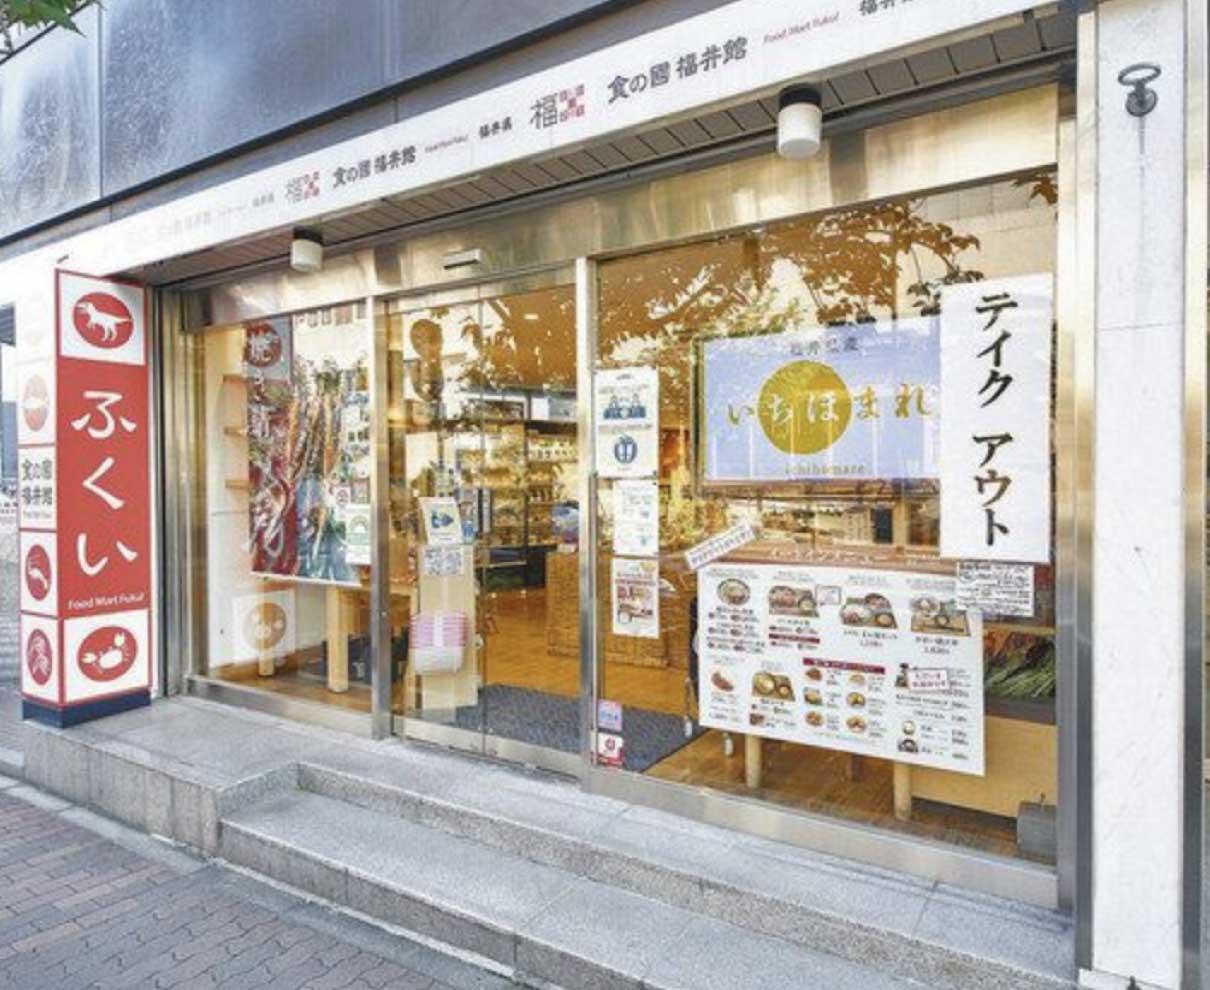 東京のアンテナショップ 県 1店舗に集約